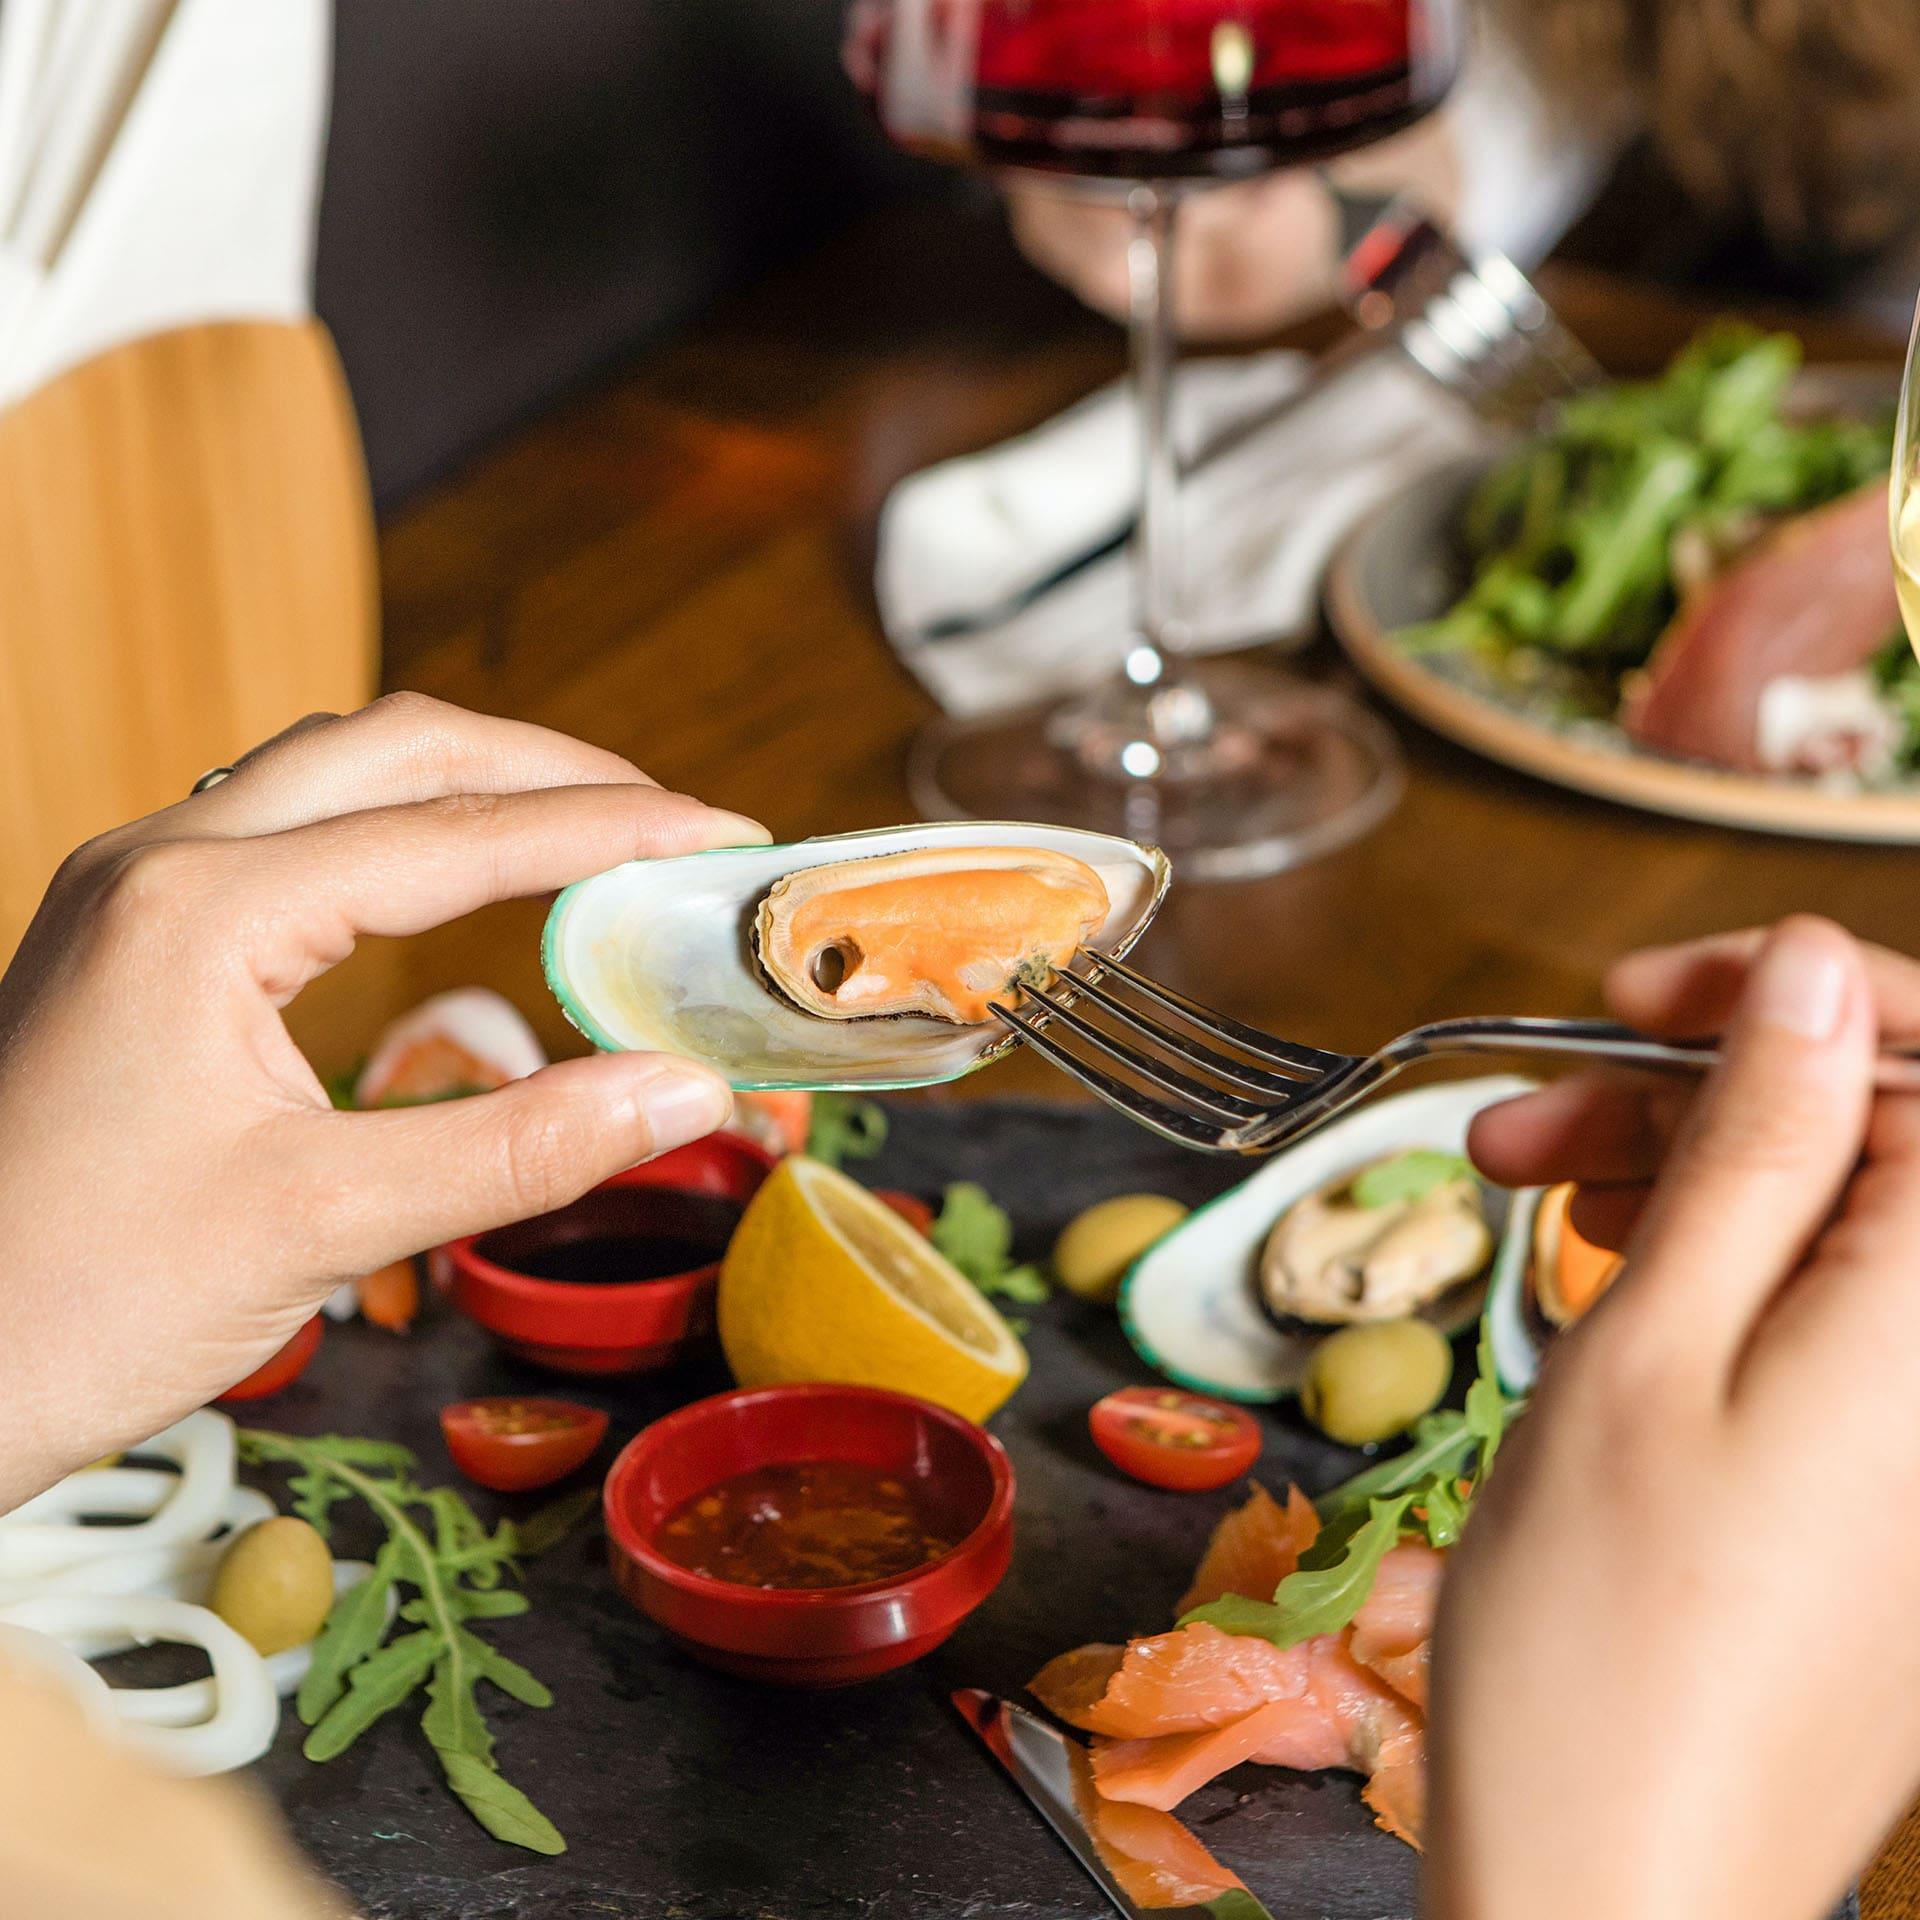 manos sosteniendo un mejillón con salsa de tomate en un cuenco en la mesa